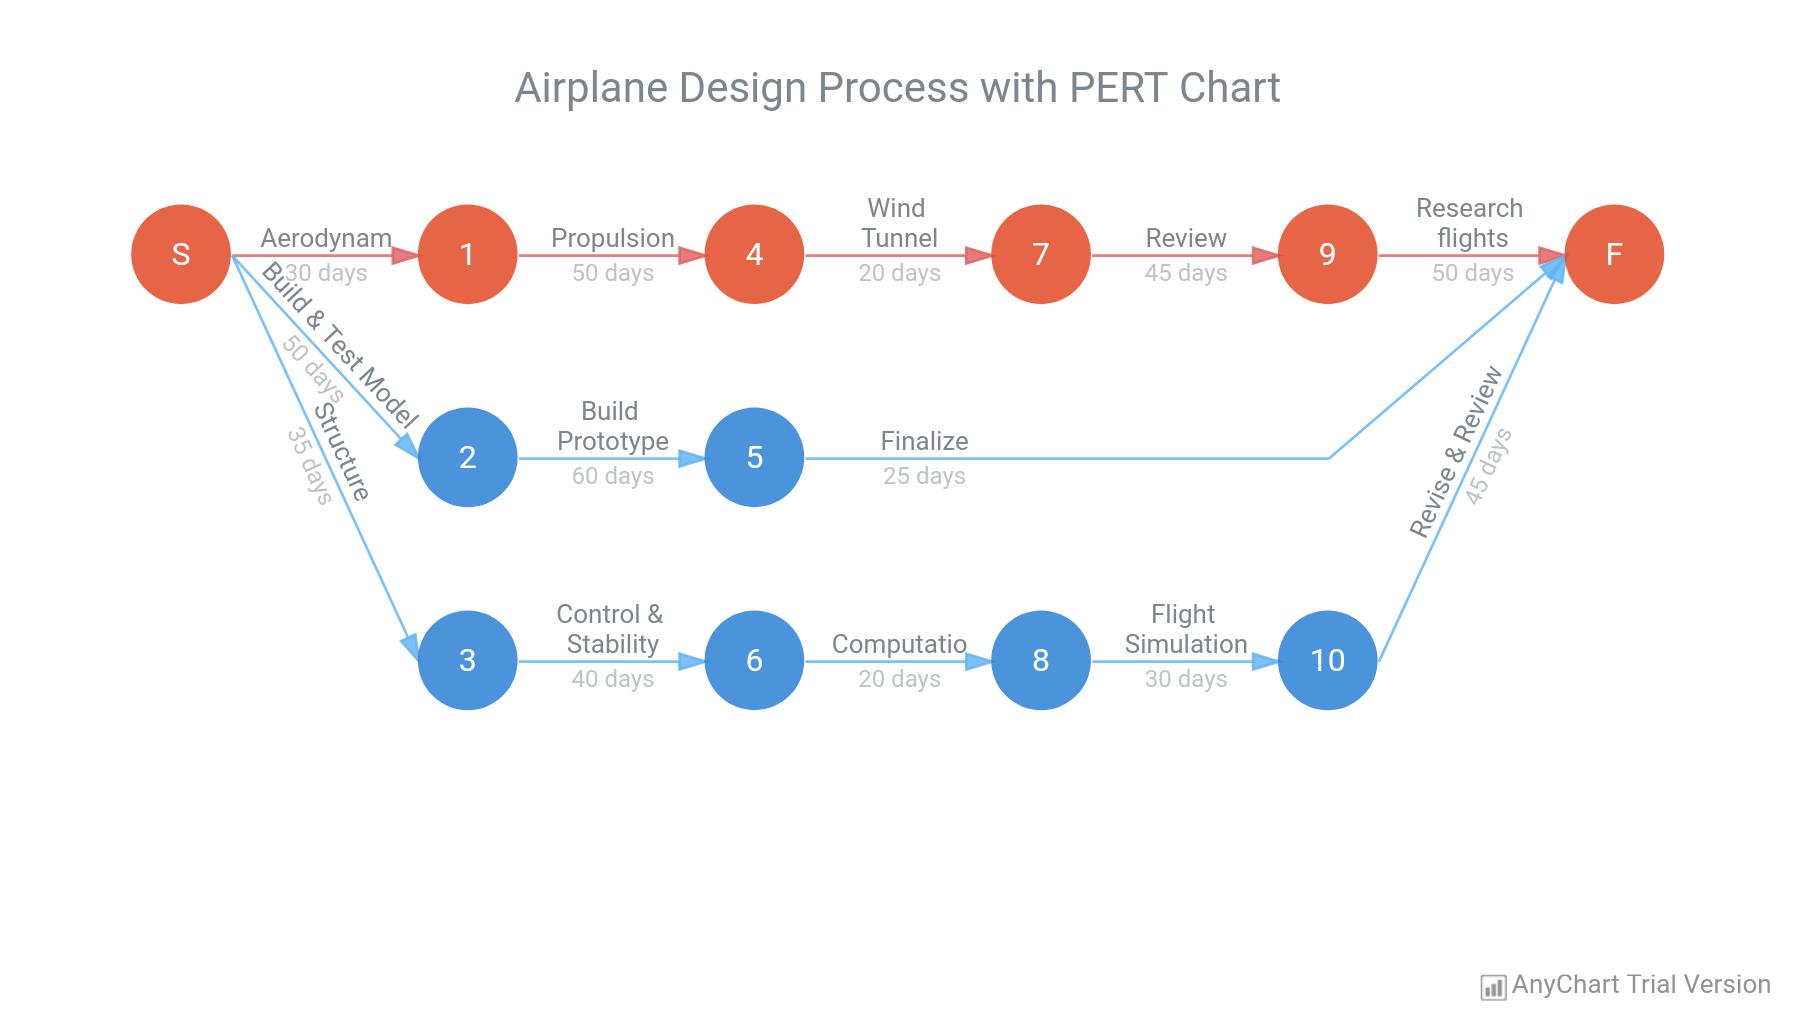 Pert Chart - AnyChart